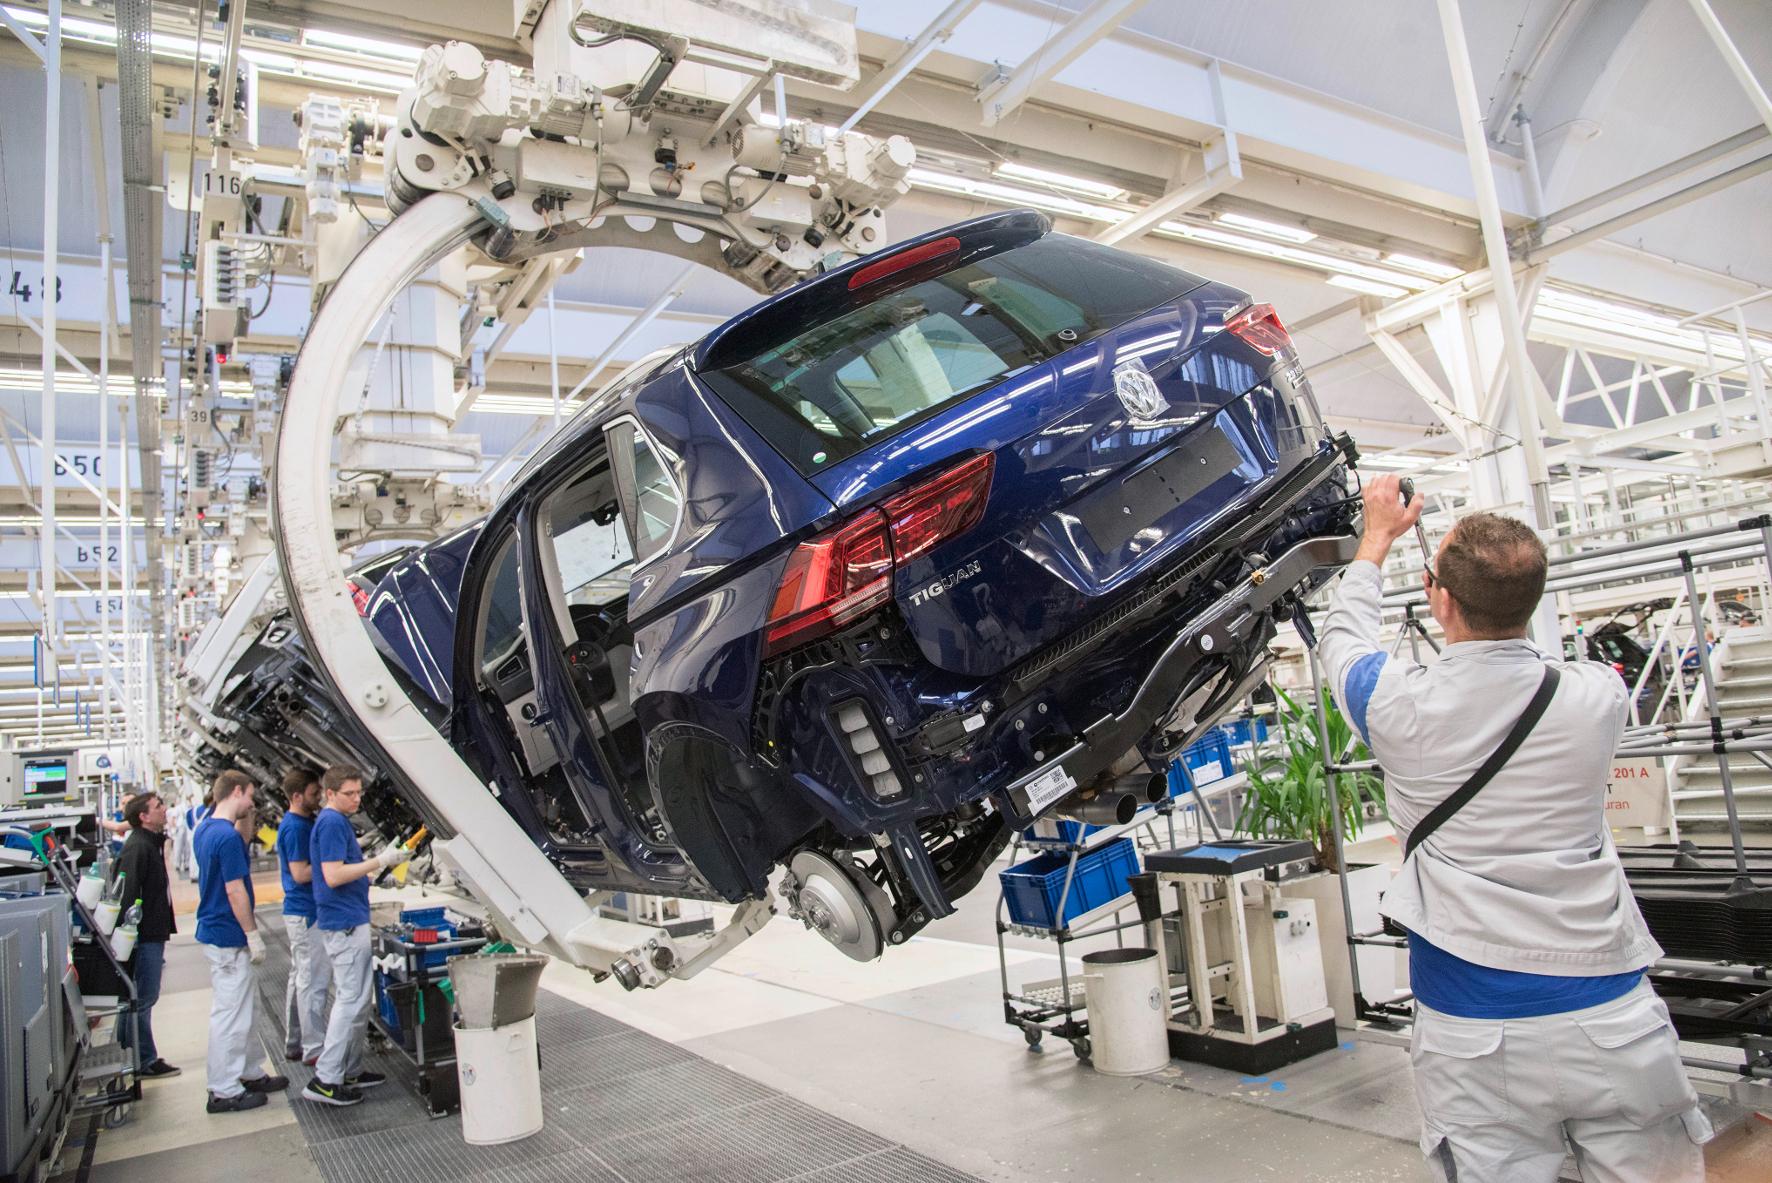 mid Groß-Gerau - VW-Mitarbeiter, die im Stammwerk Wolfsburg an den SUV-Modellen Tiguan und Touran schrauben, haben 2016 verkürzte Weihnachtspause.